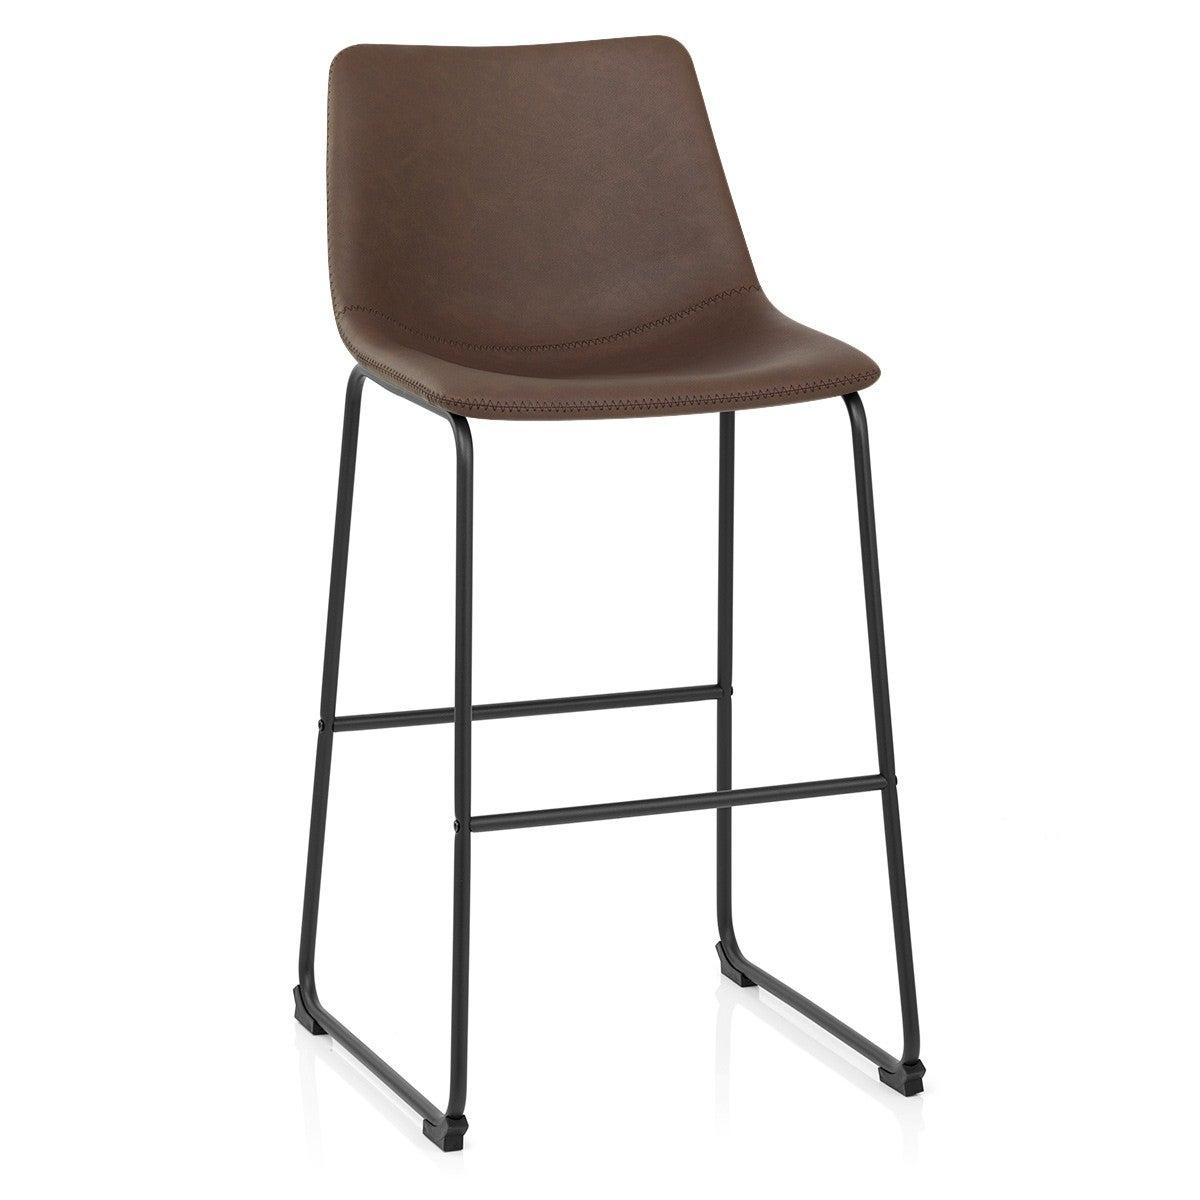 Chaise de bar industriel, simili cuir, marron, Bucket antique